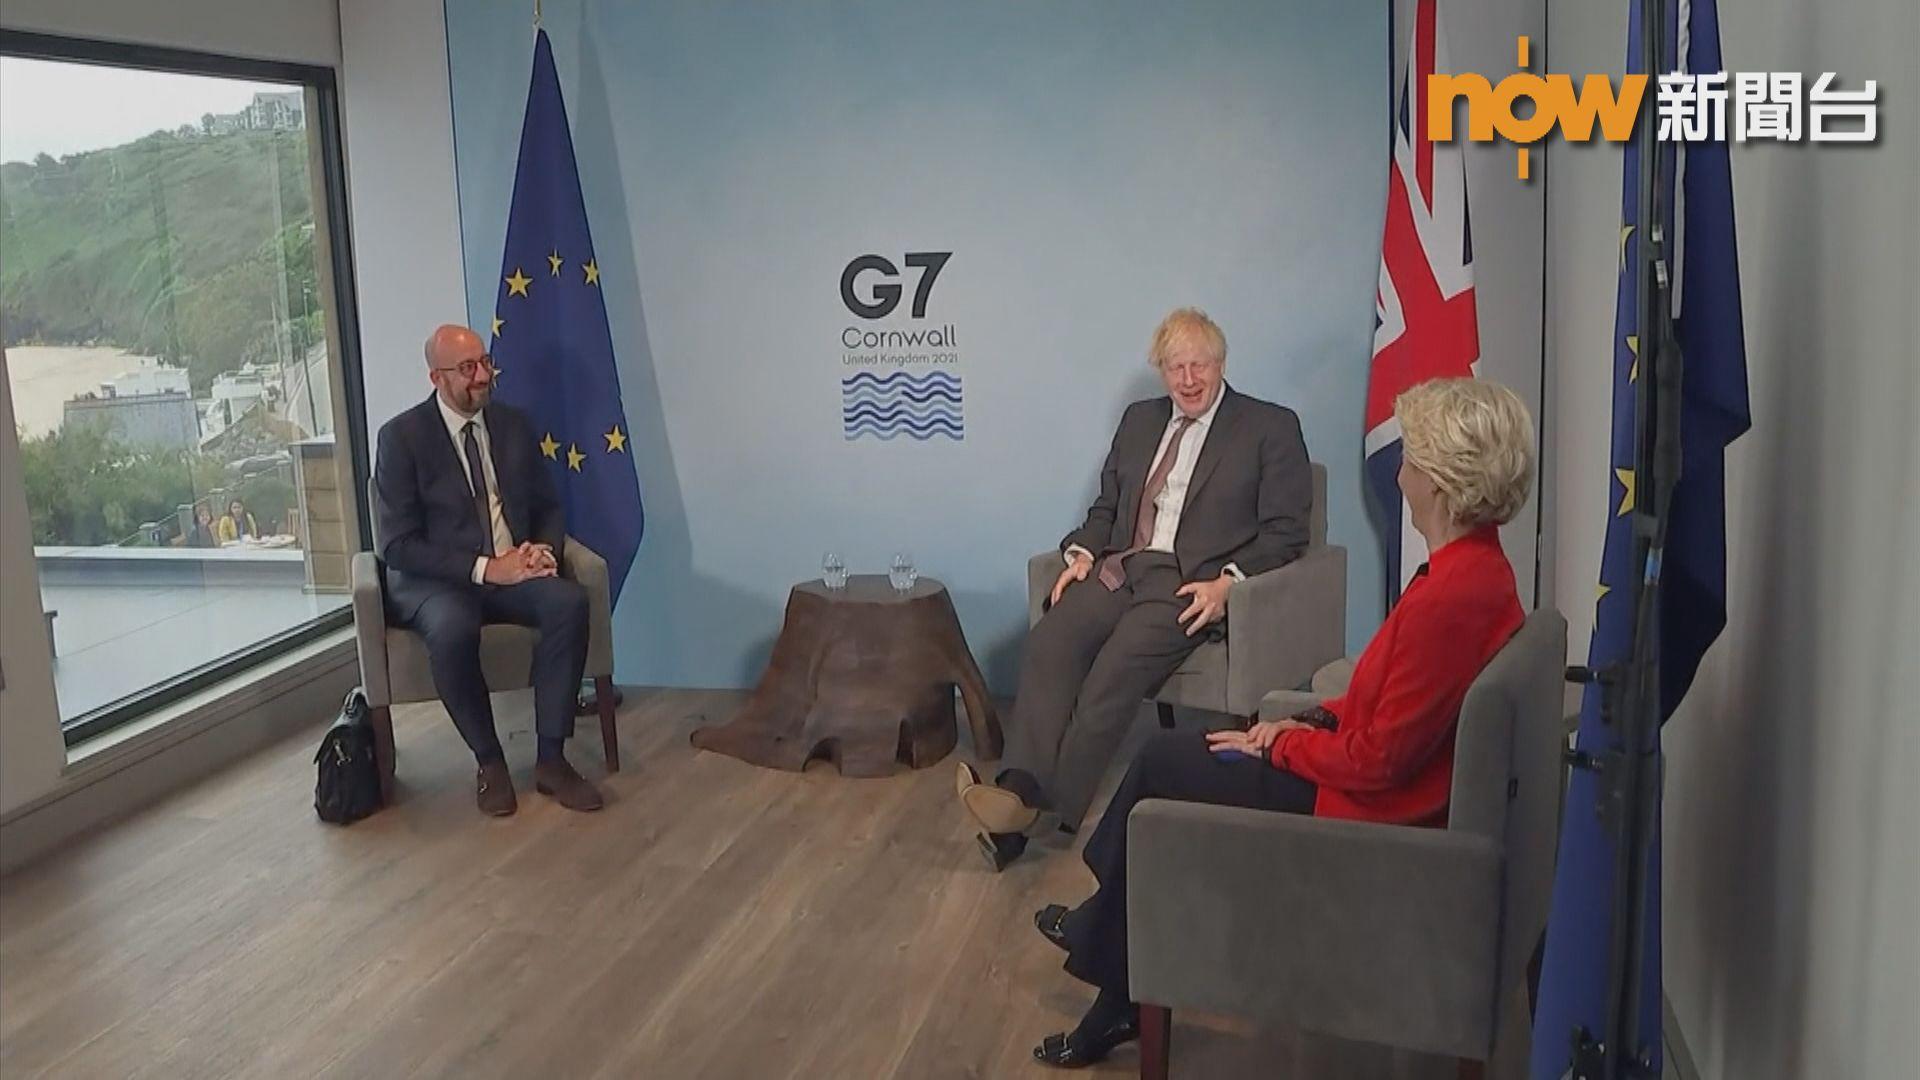 英國歐盟討論北愛問題 雙方未見讓步